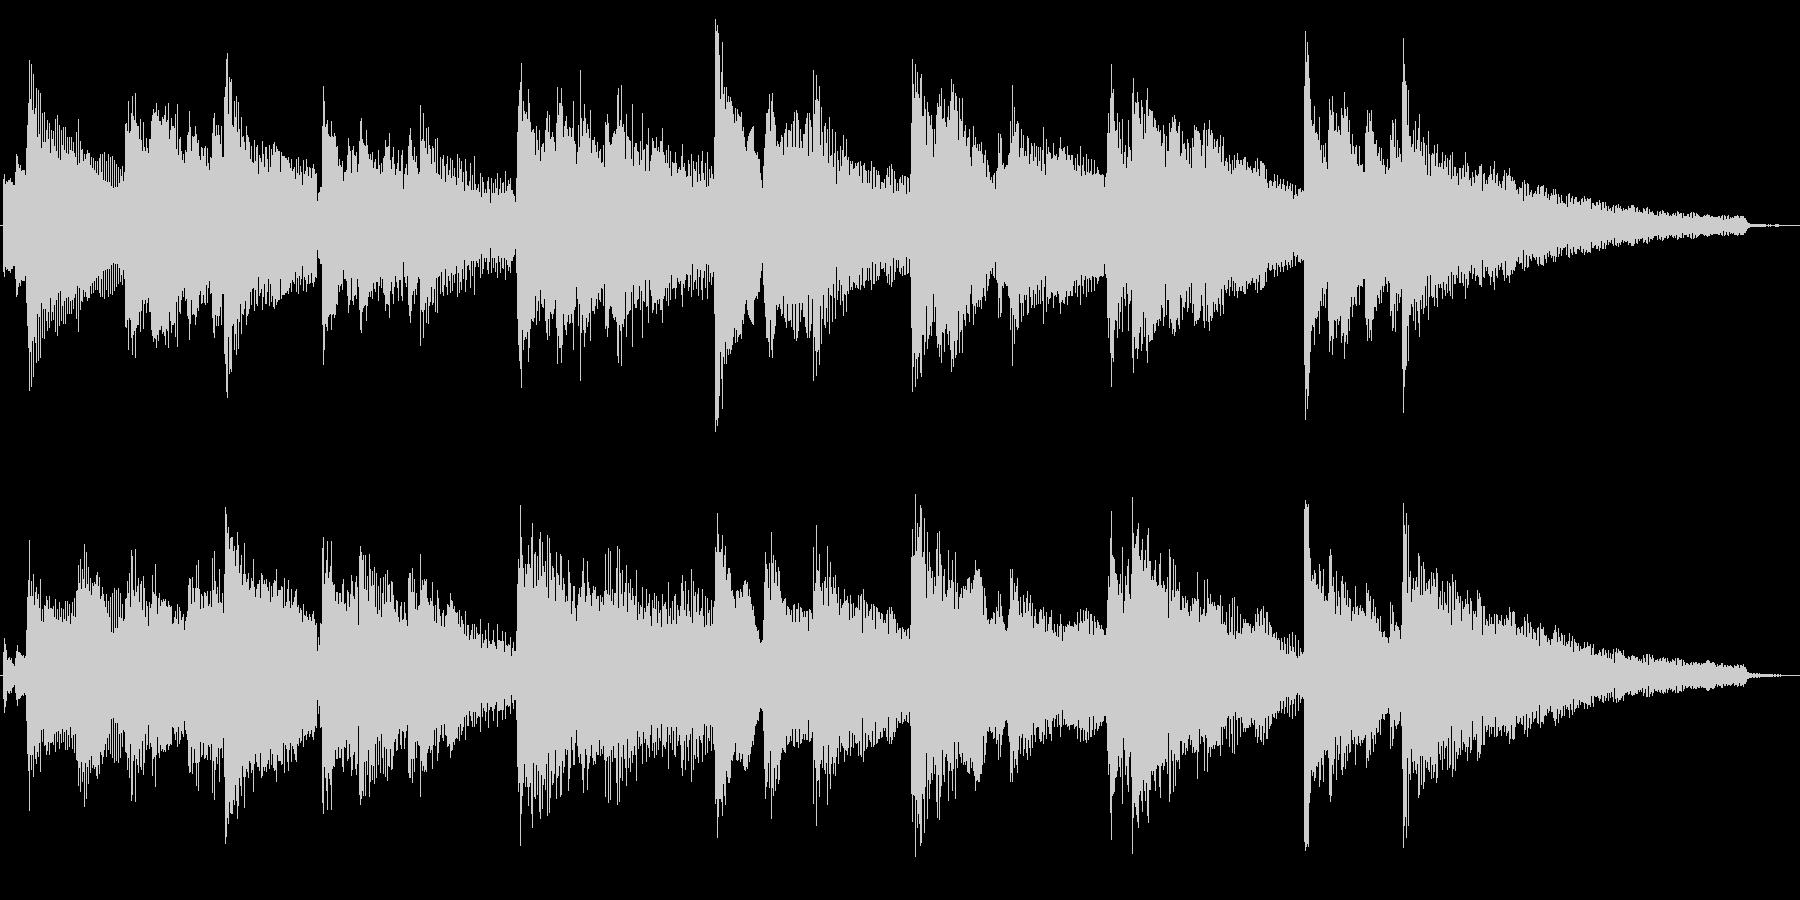 夜のニュース番組風ピアノ ジングル 素材の未再生の波形